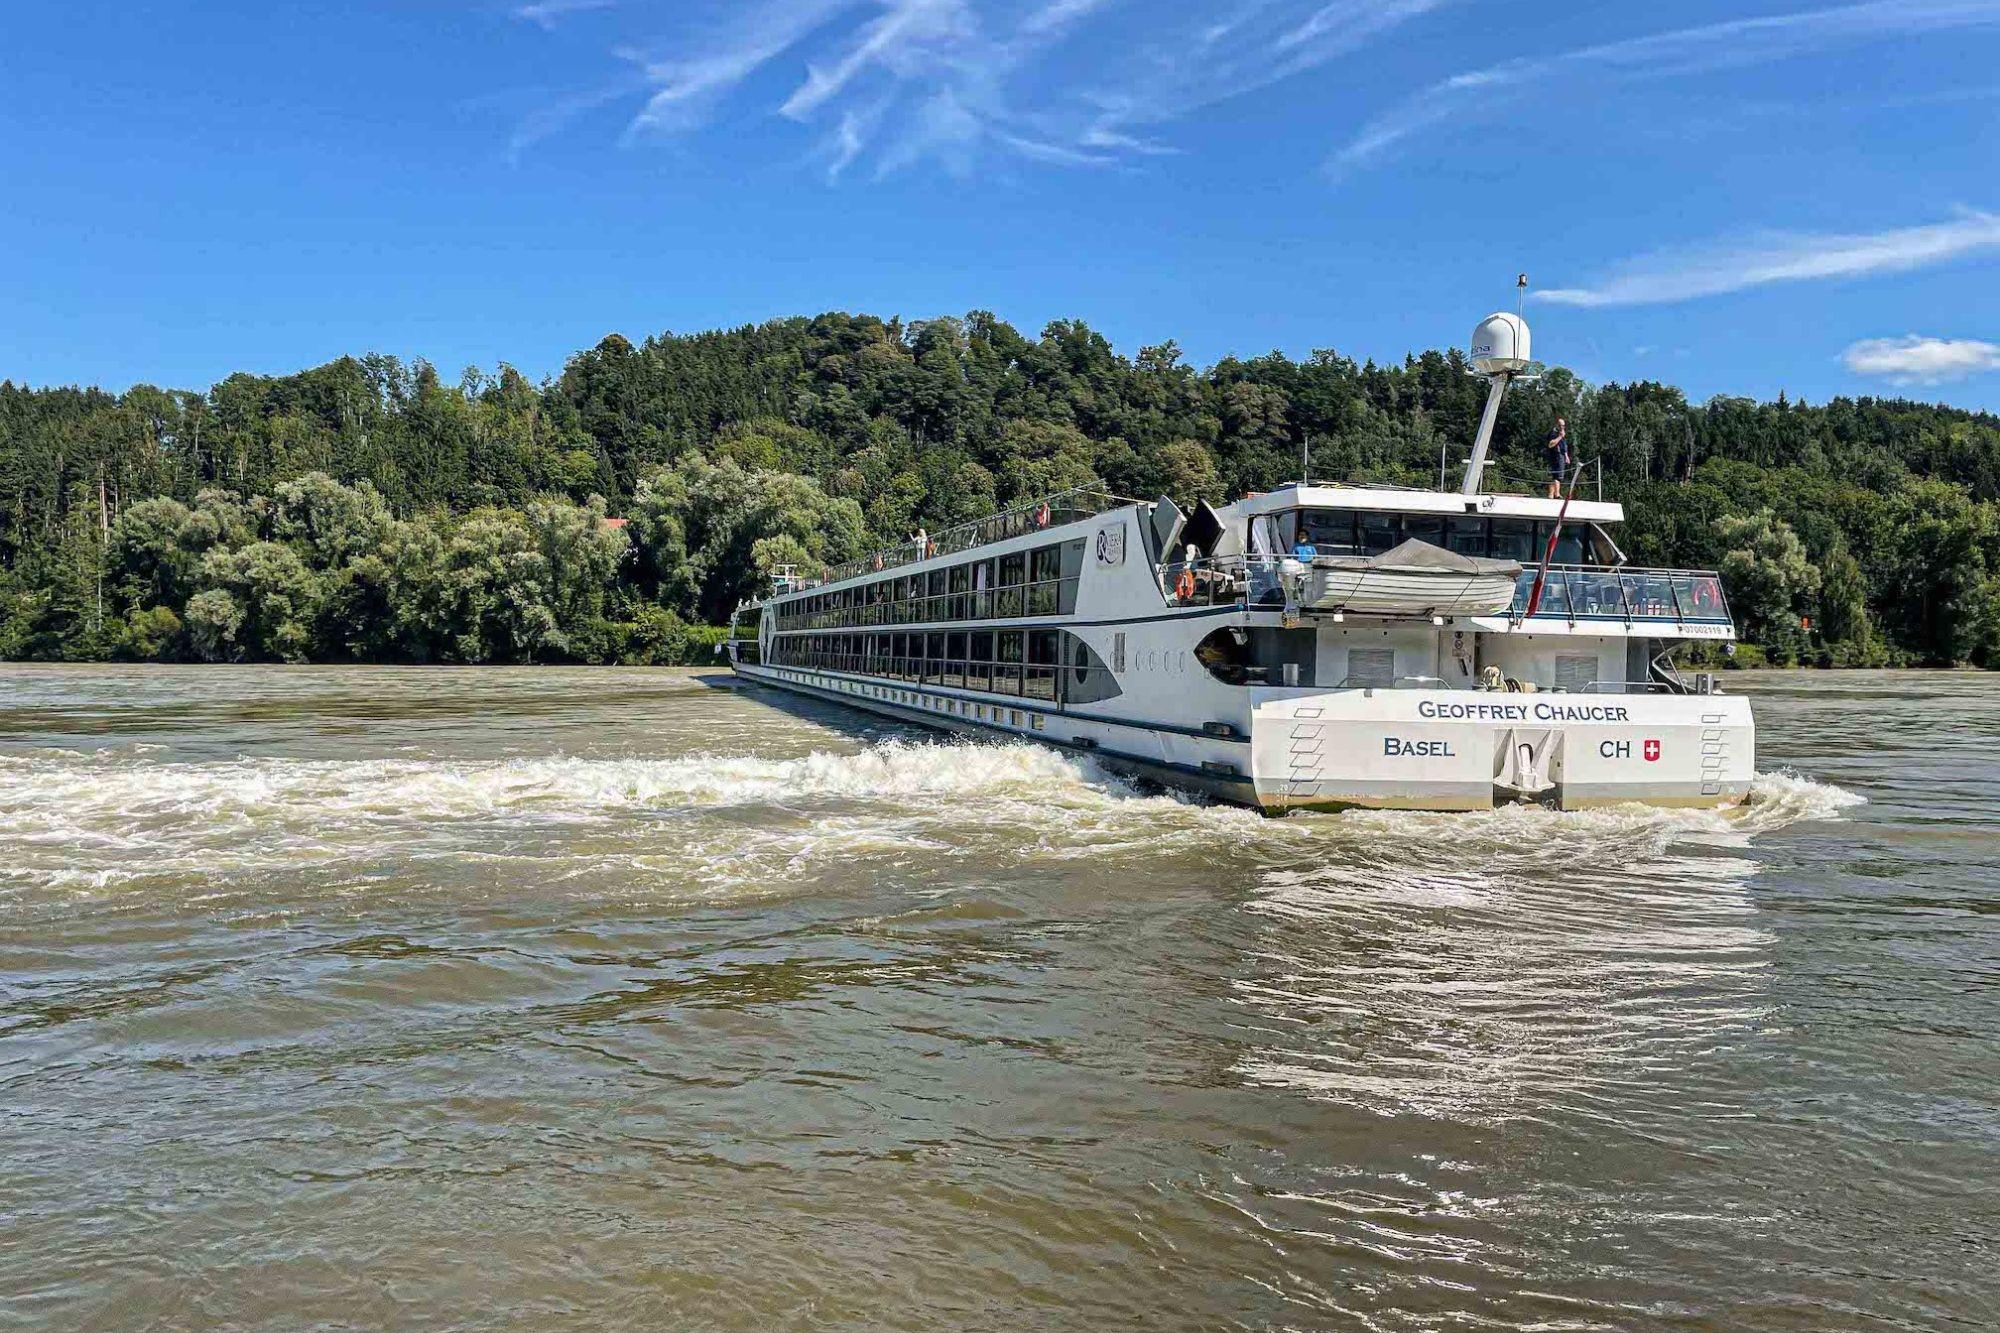 Phoenix Reisen in dieser Saison mit vier zusätzlichen Schiffen unterwegs